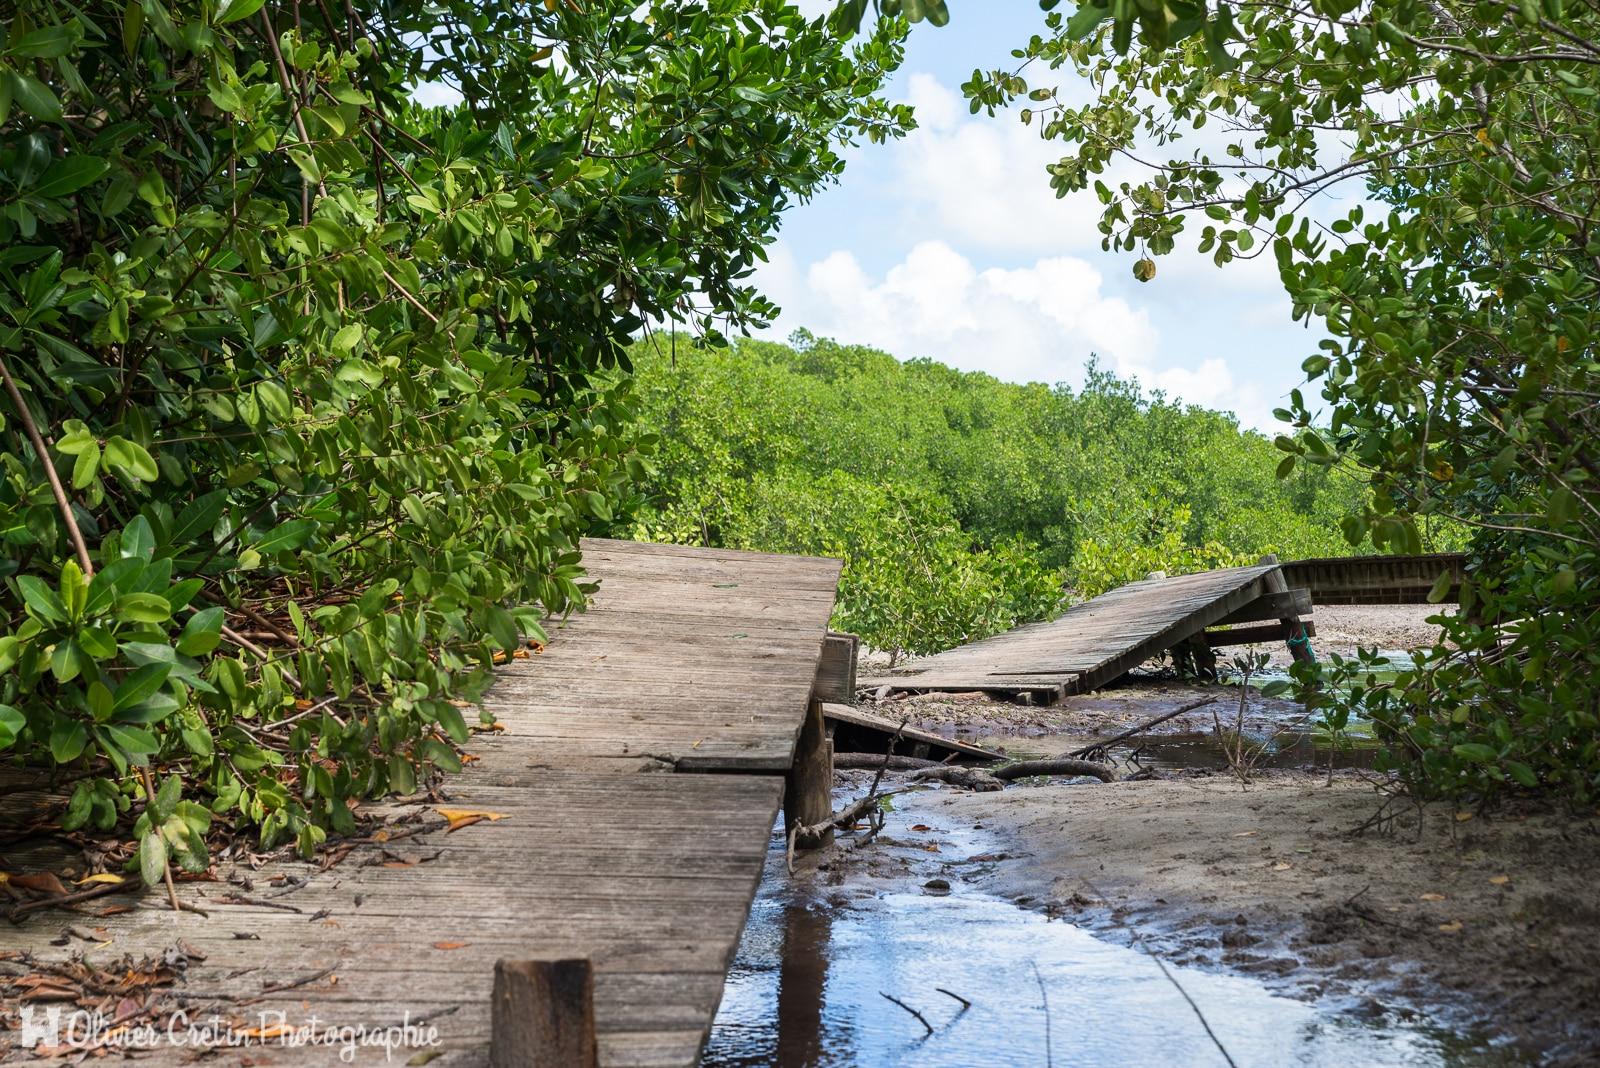 Guadeloupe - Sainte Anne - Parcours d'obstacle cyclonique dans la mangrove